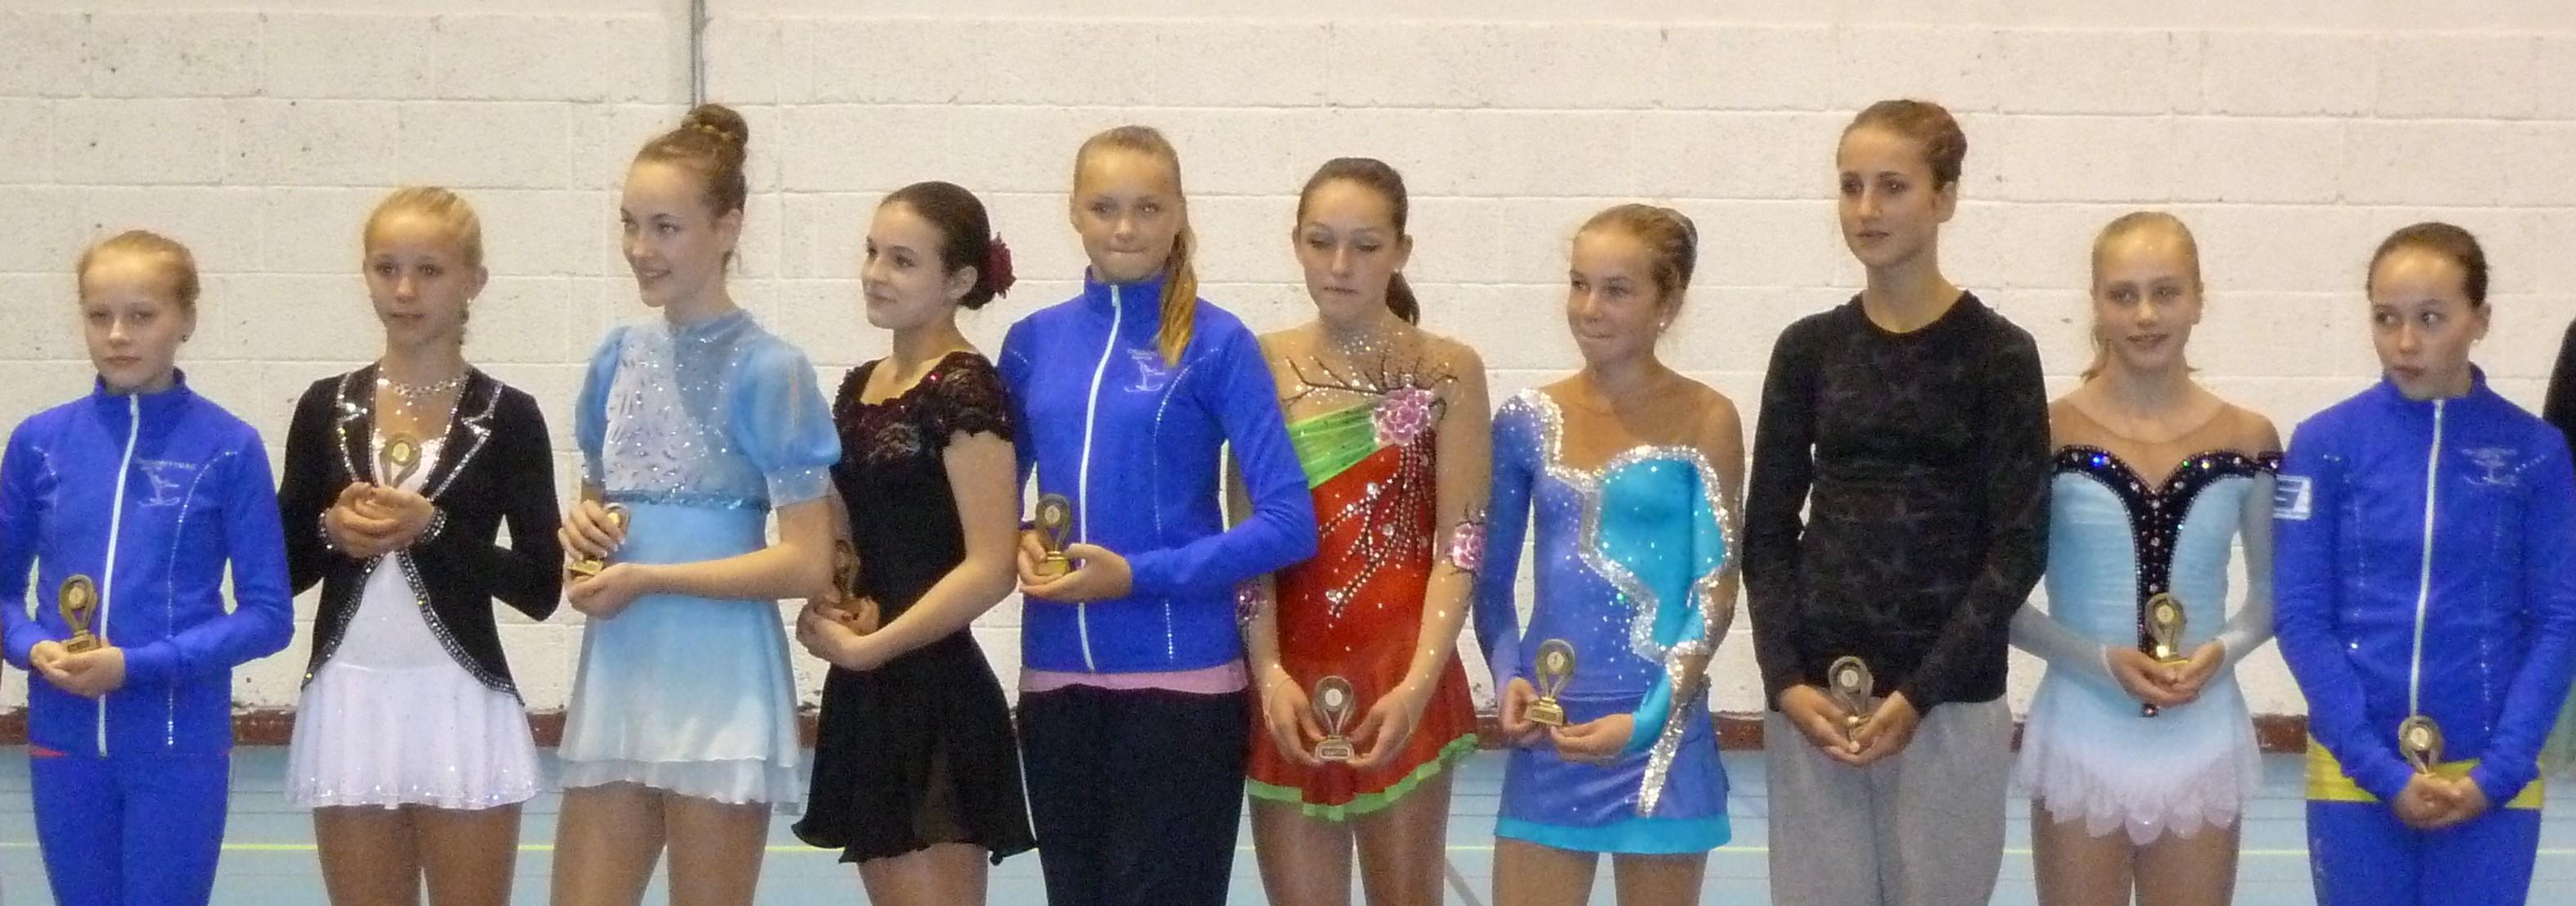 Inger, Emilie, Ingrid og Karin